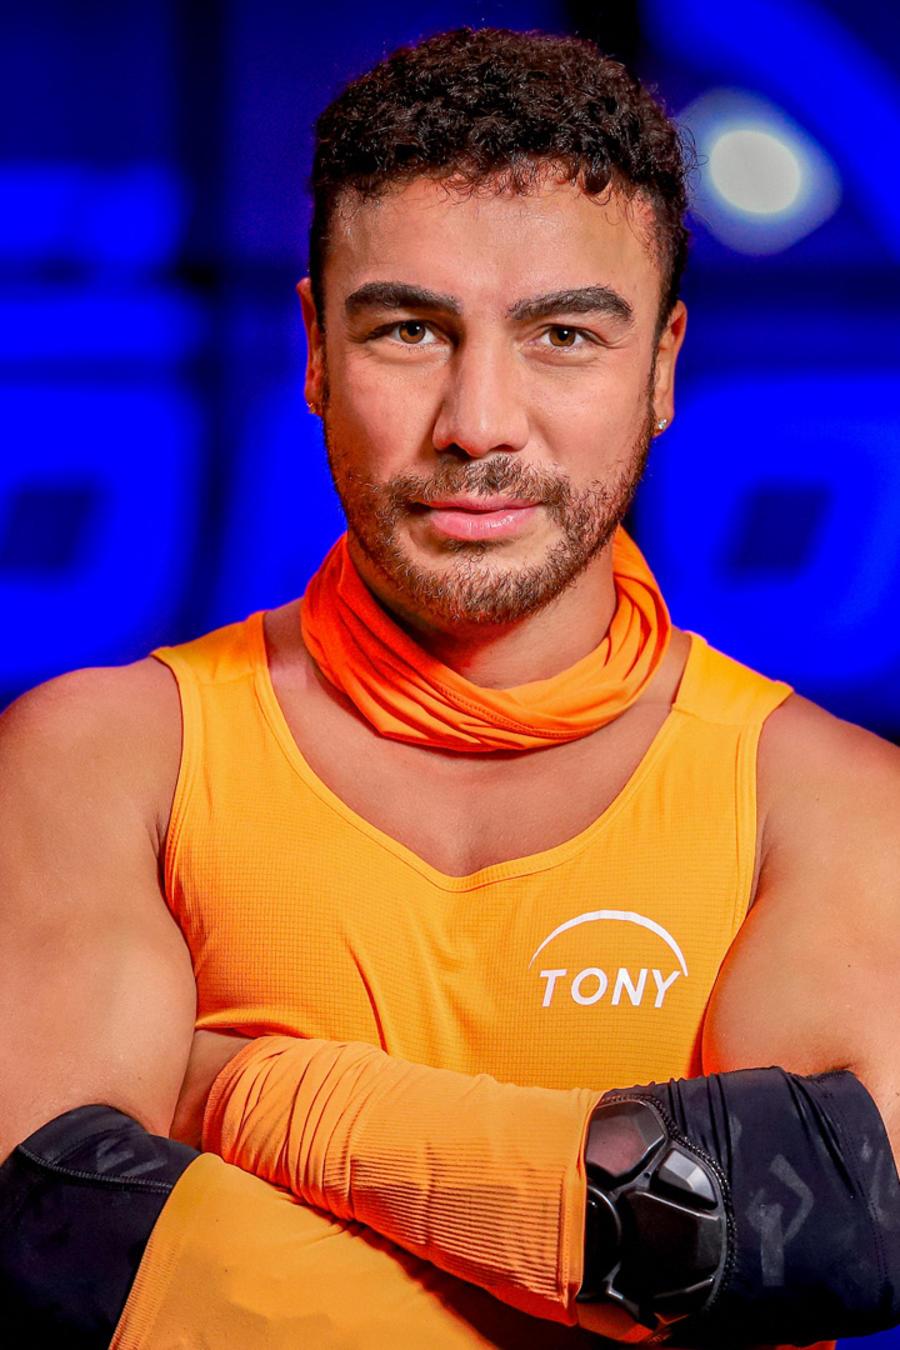 Tony Garza, El Domo del Dinero